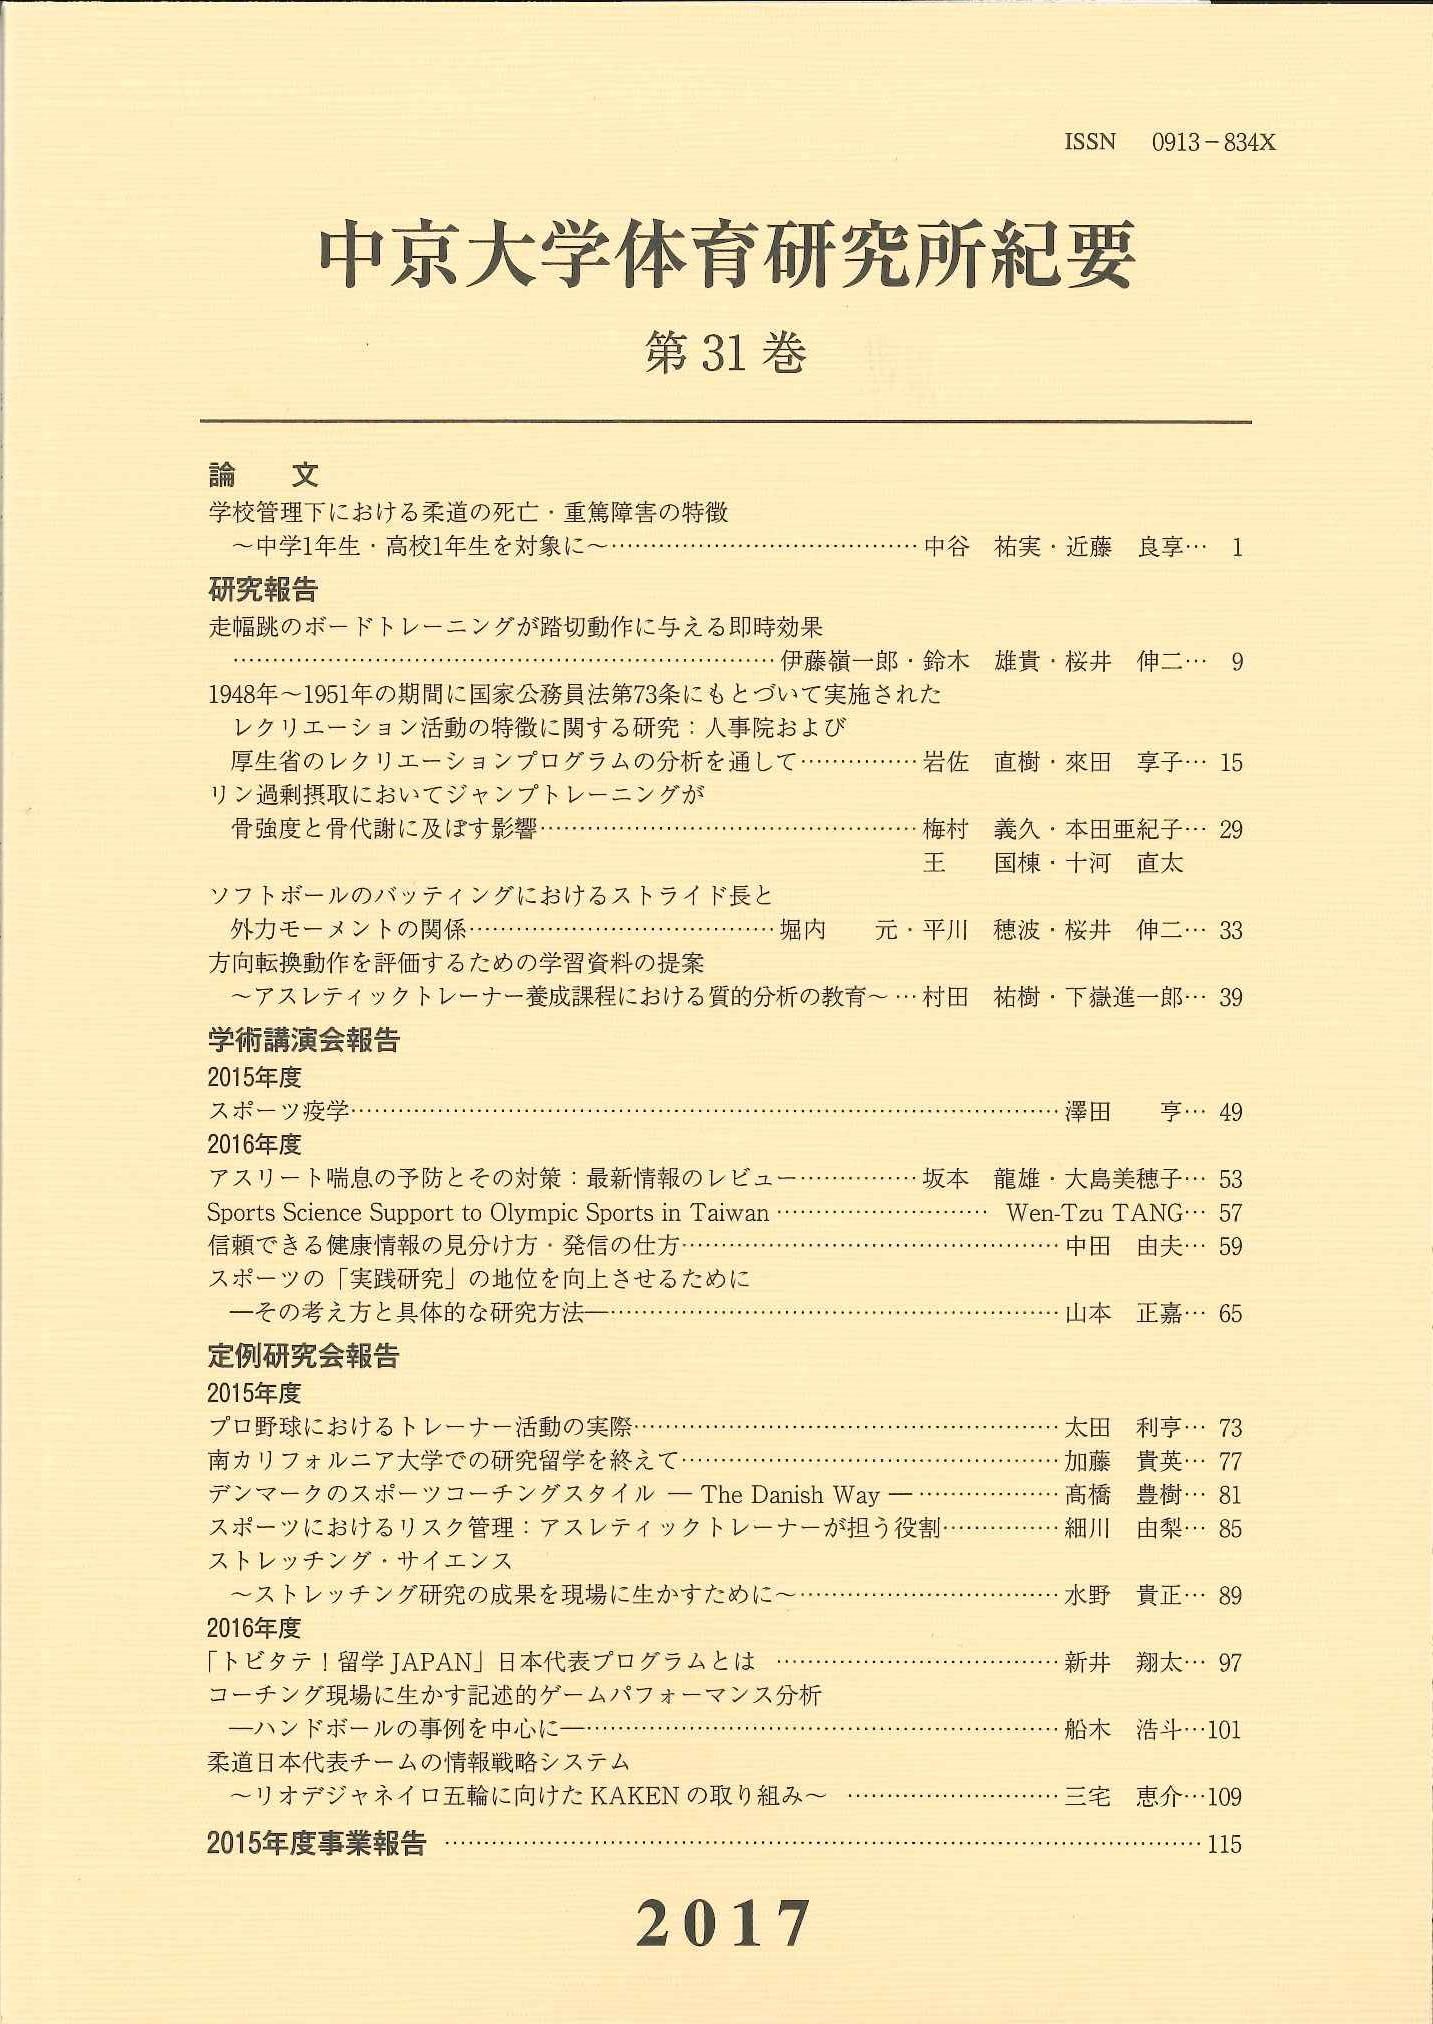 体育研究所紀要 第31巻